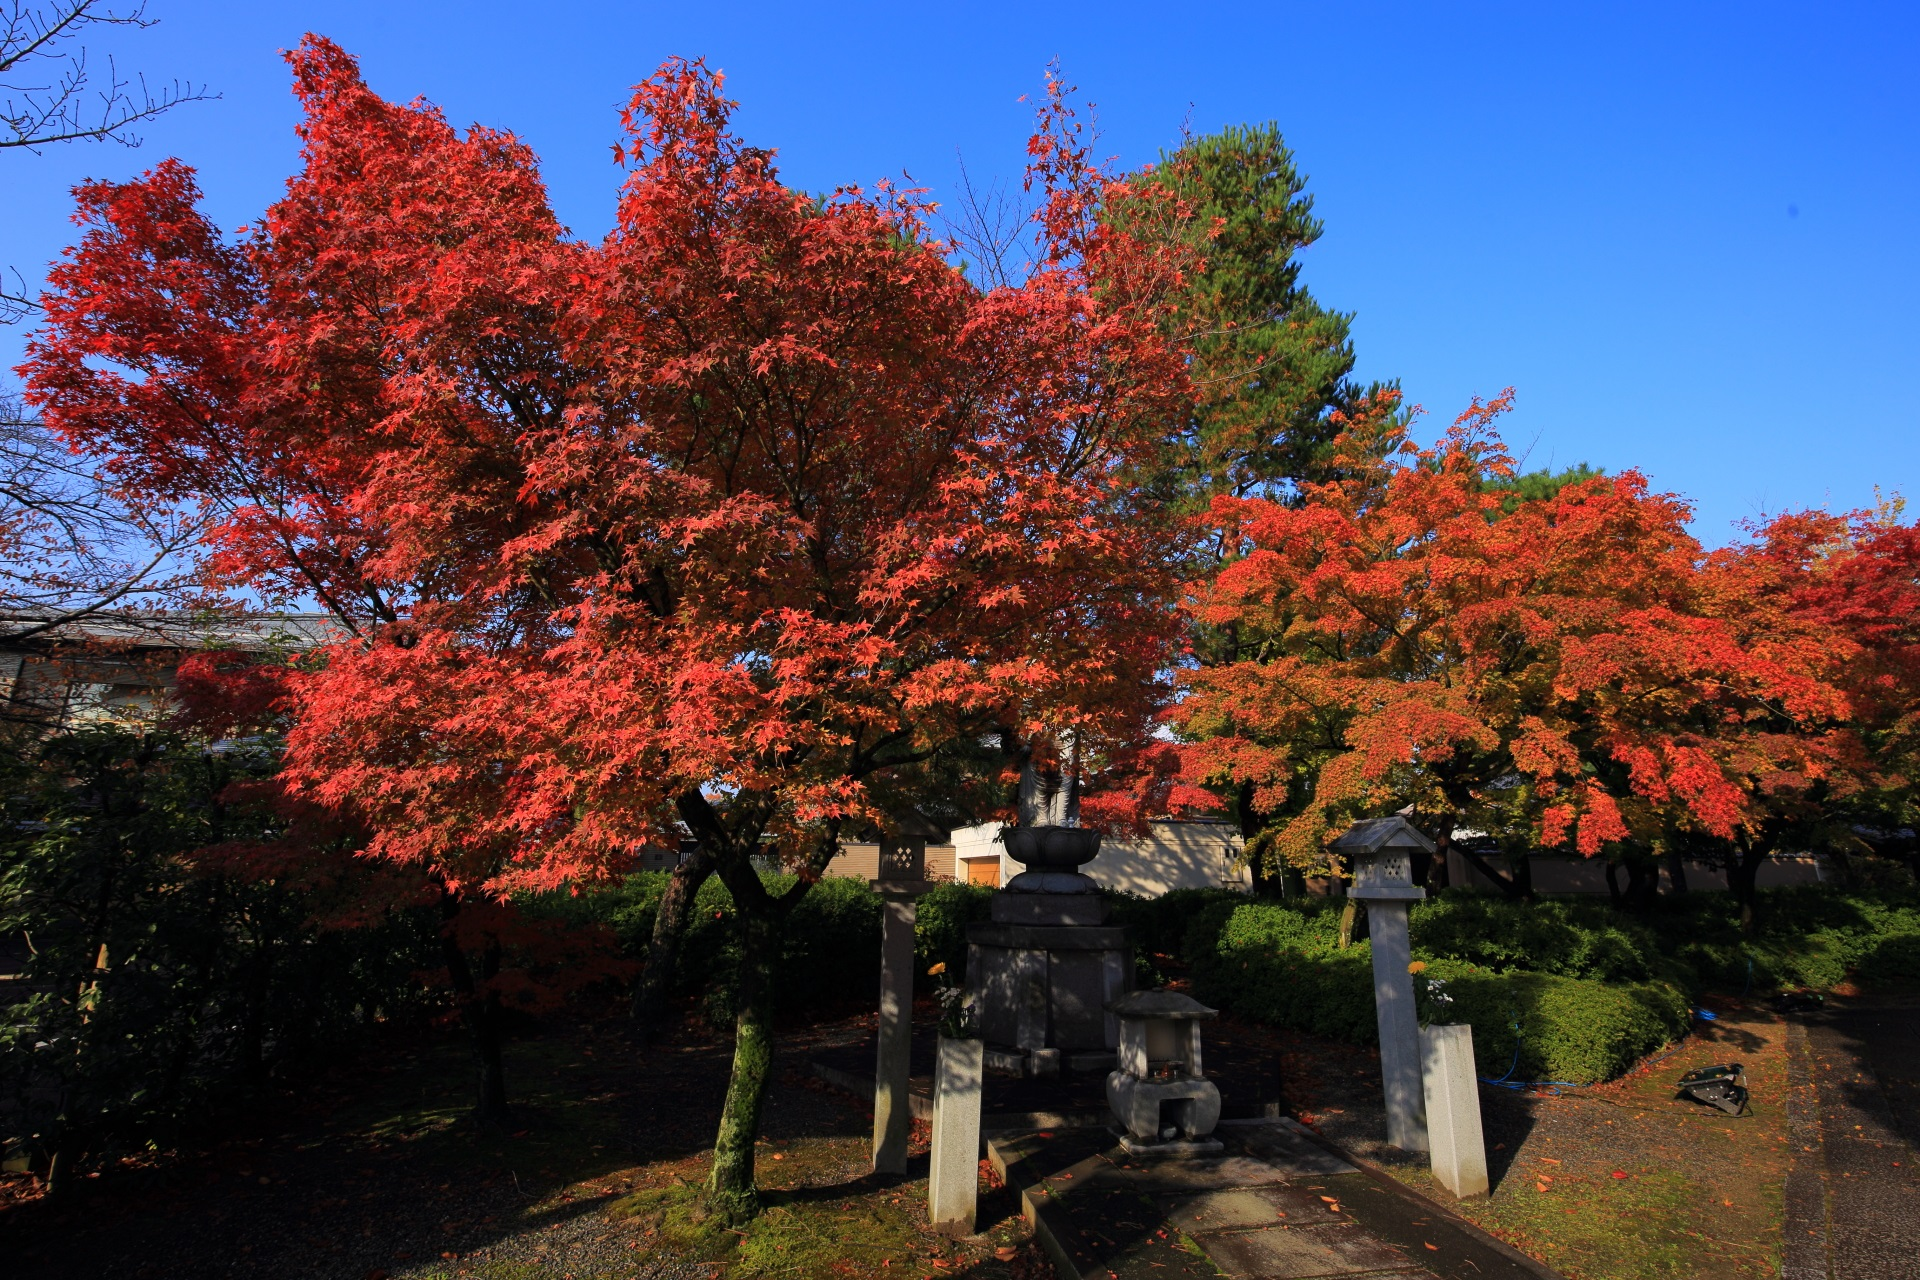 妙顕寺の青空の下の燃えるような紅葉